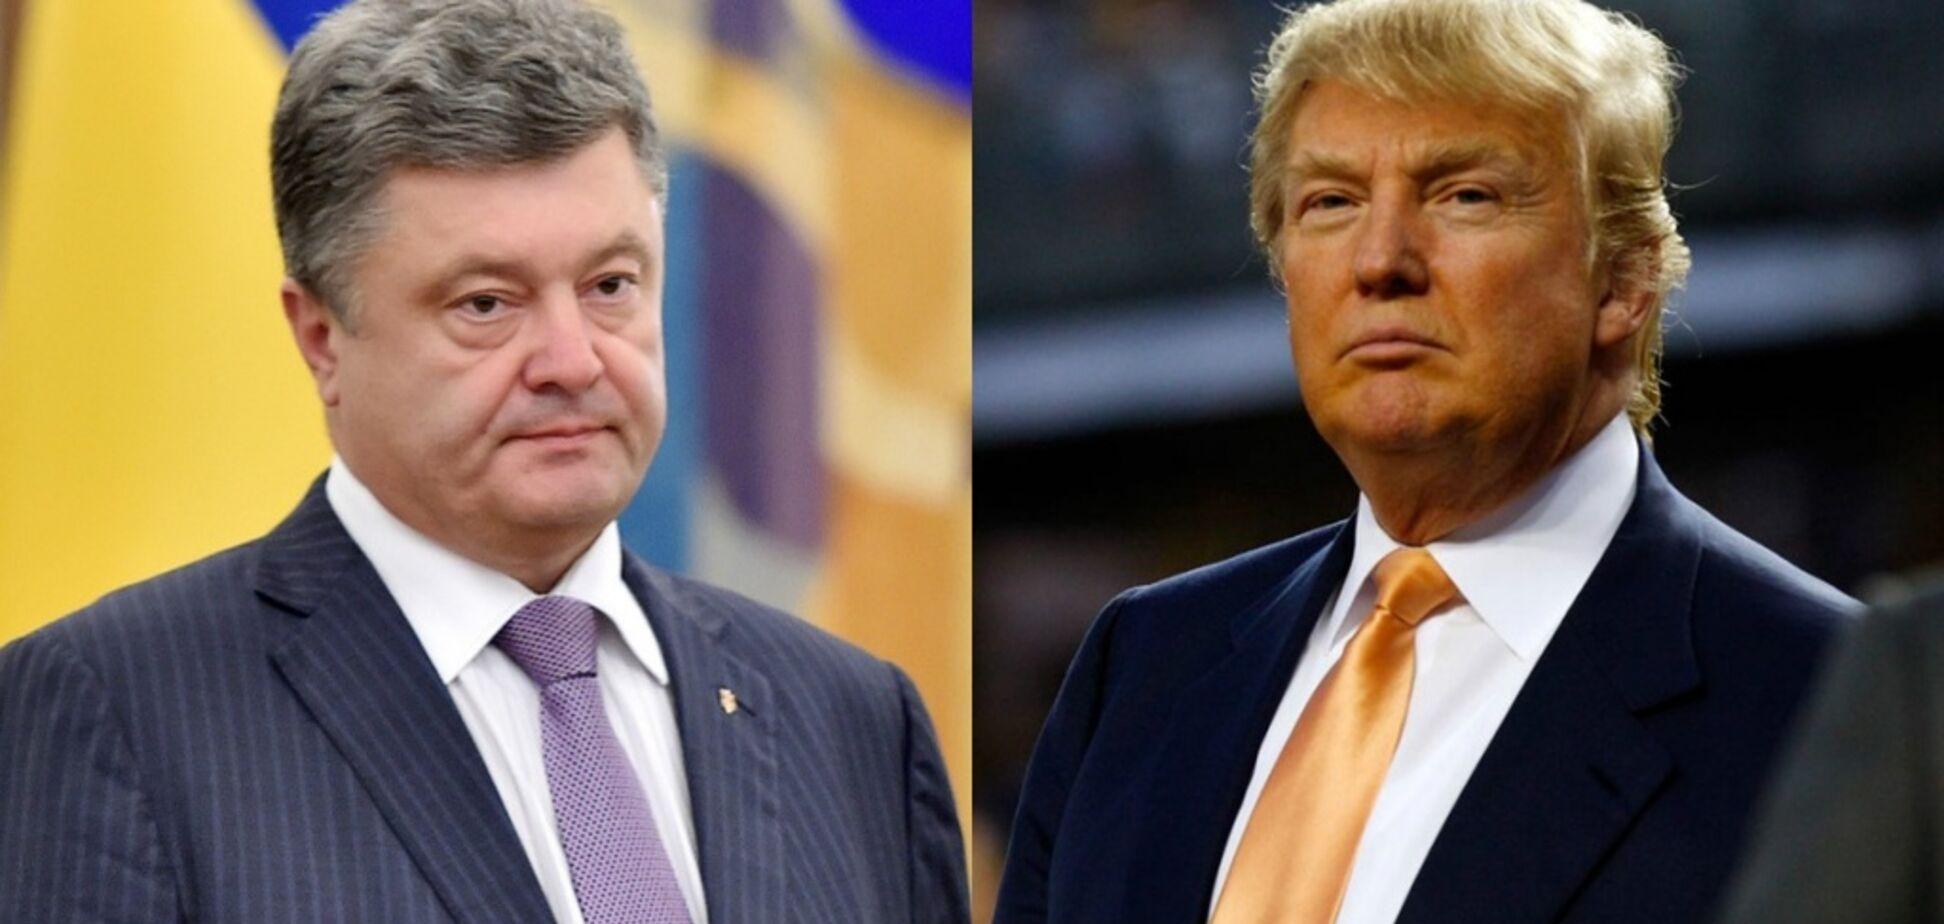 Вот оно – единство! Фото со встречи Трампа и Порошенко впечатлило украинцев